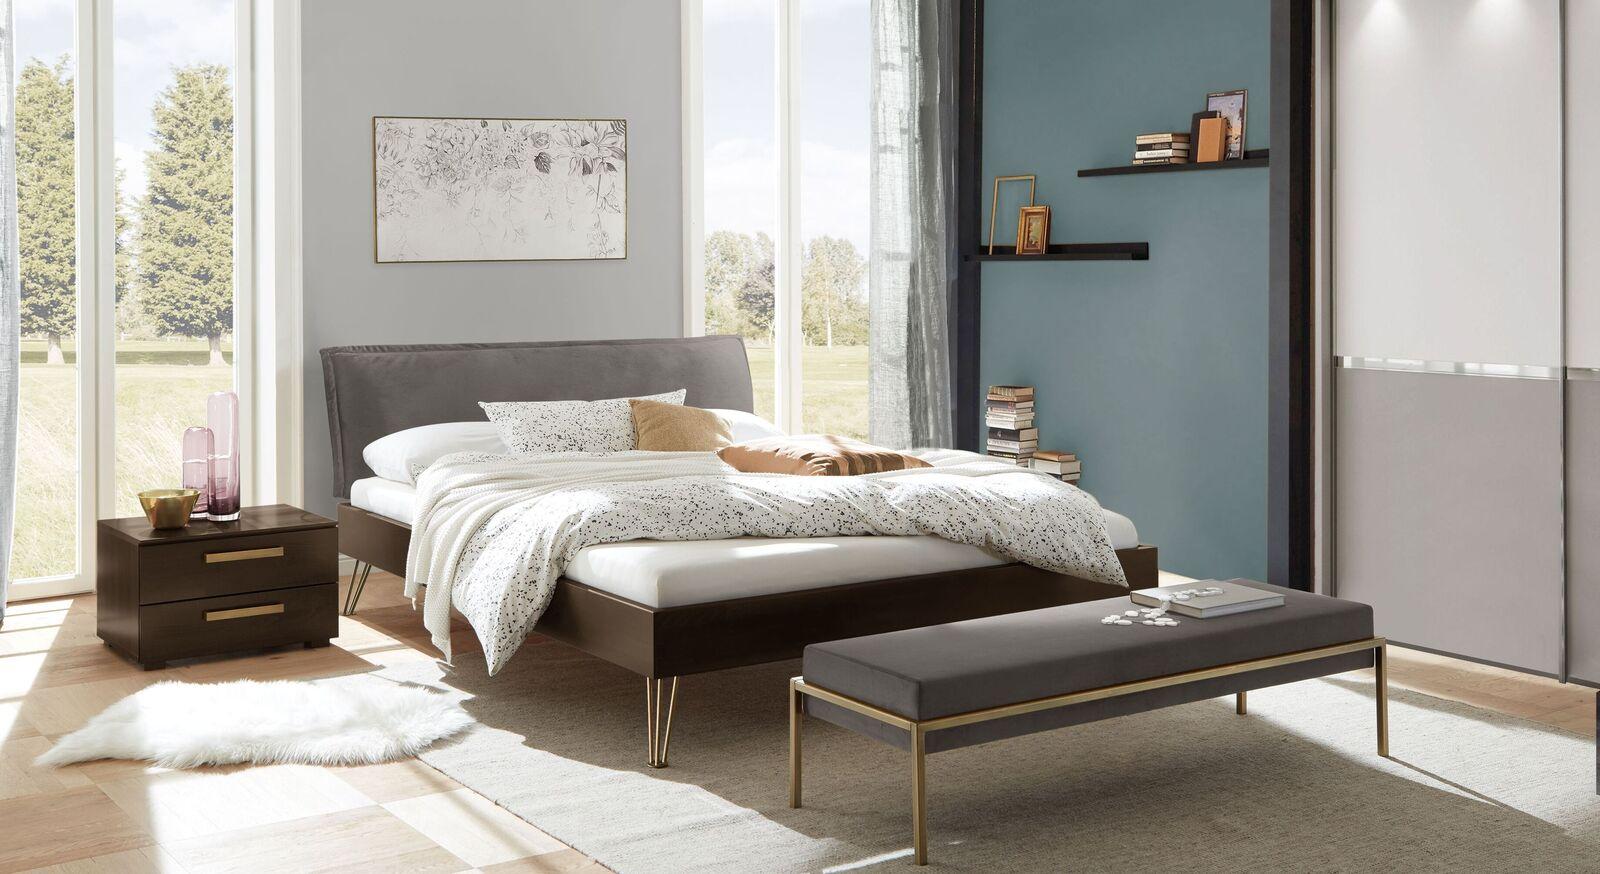 Komplett-Schlafzimmer Sirell mit Bett Kleiderschrank und Nachttisch